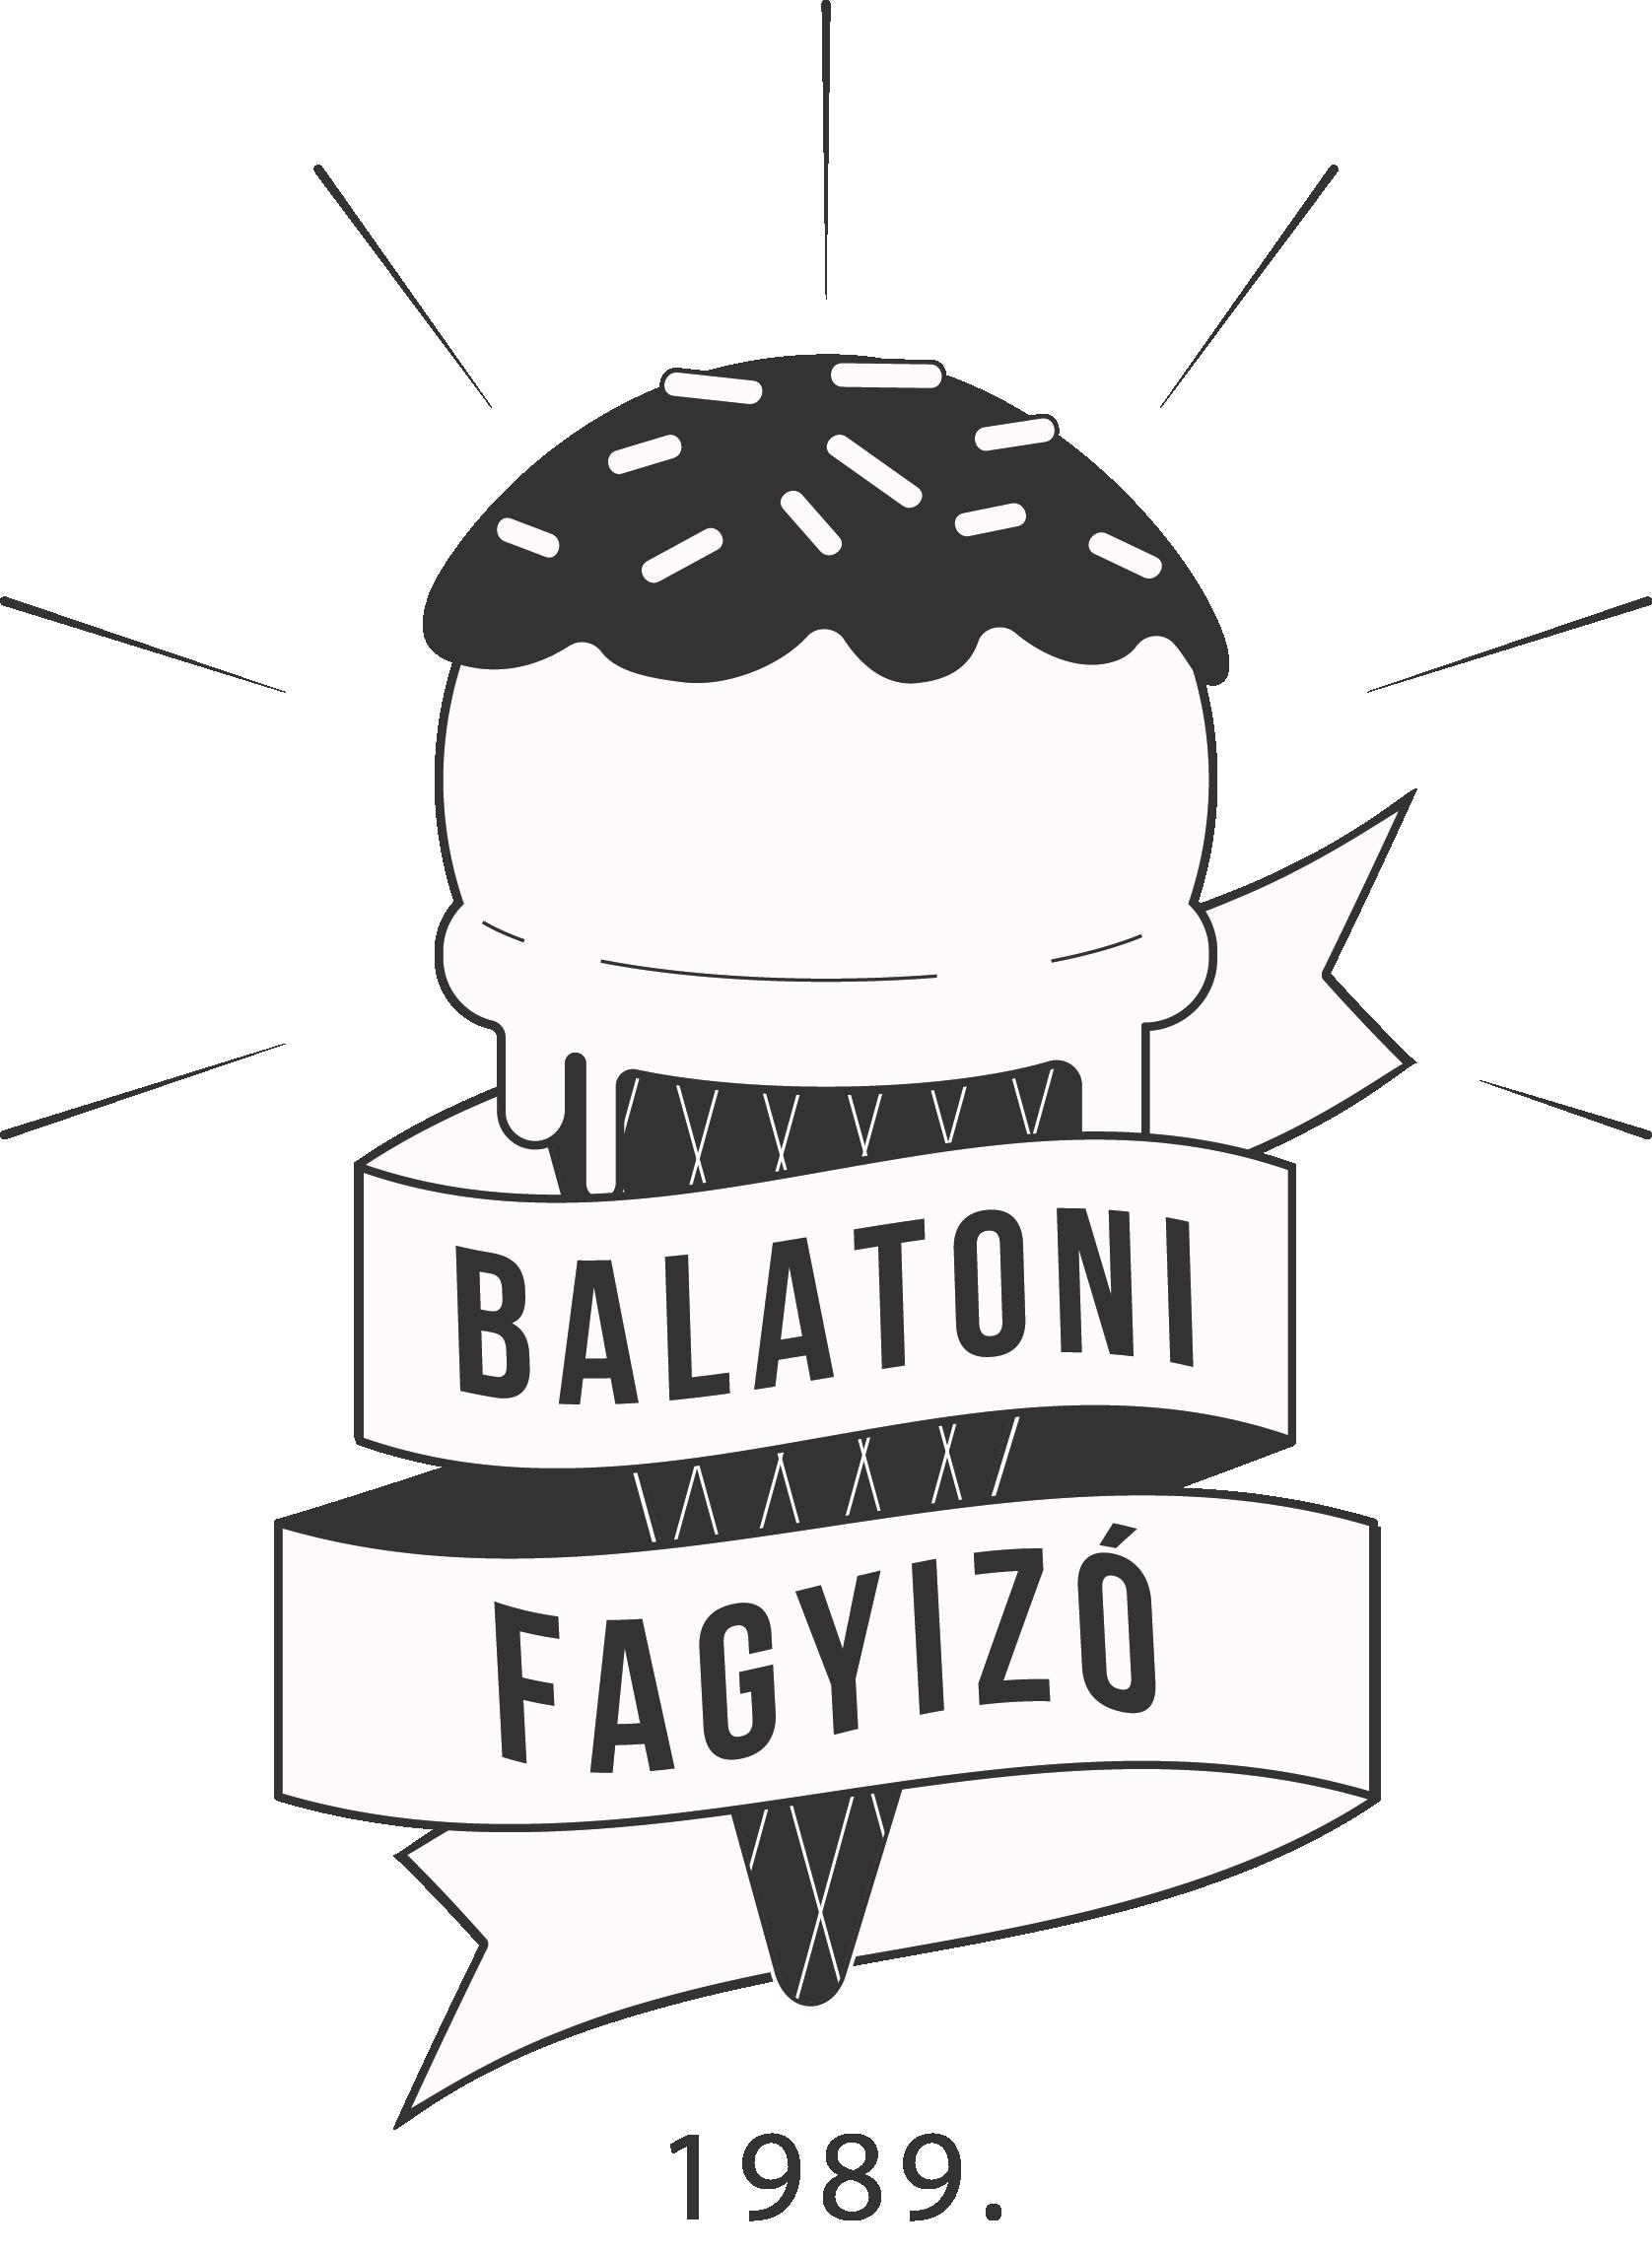 Balatoni Fagyizó